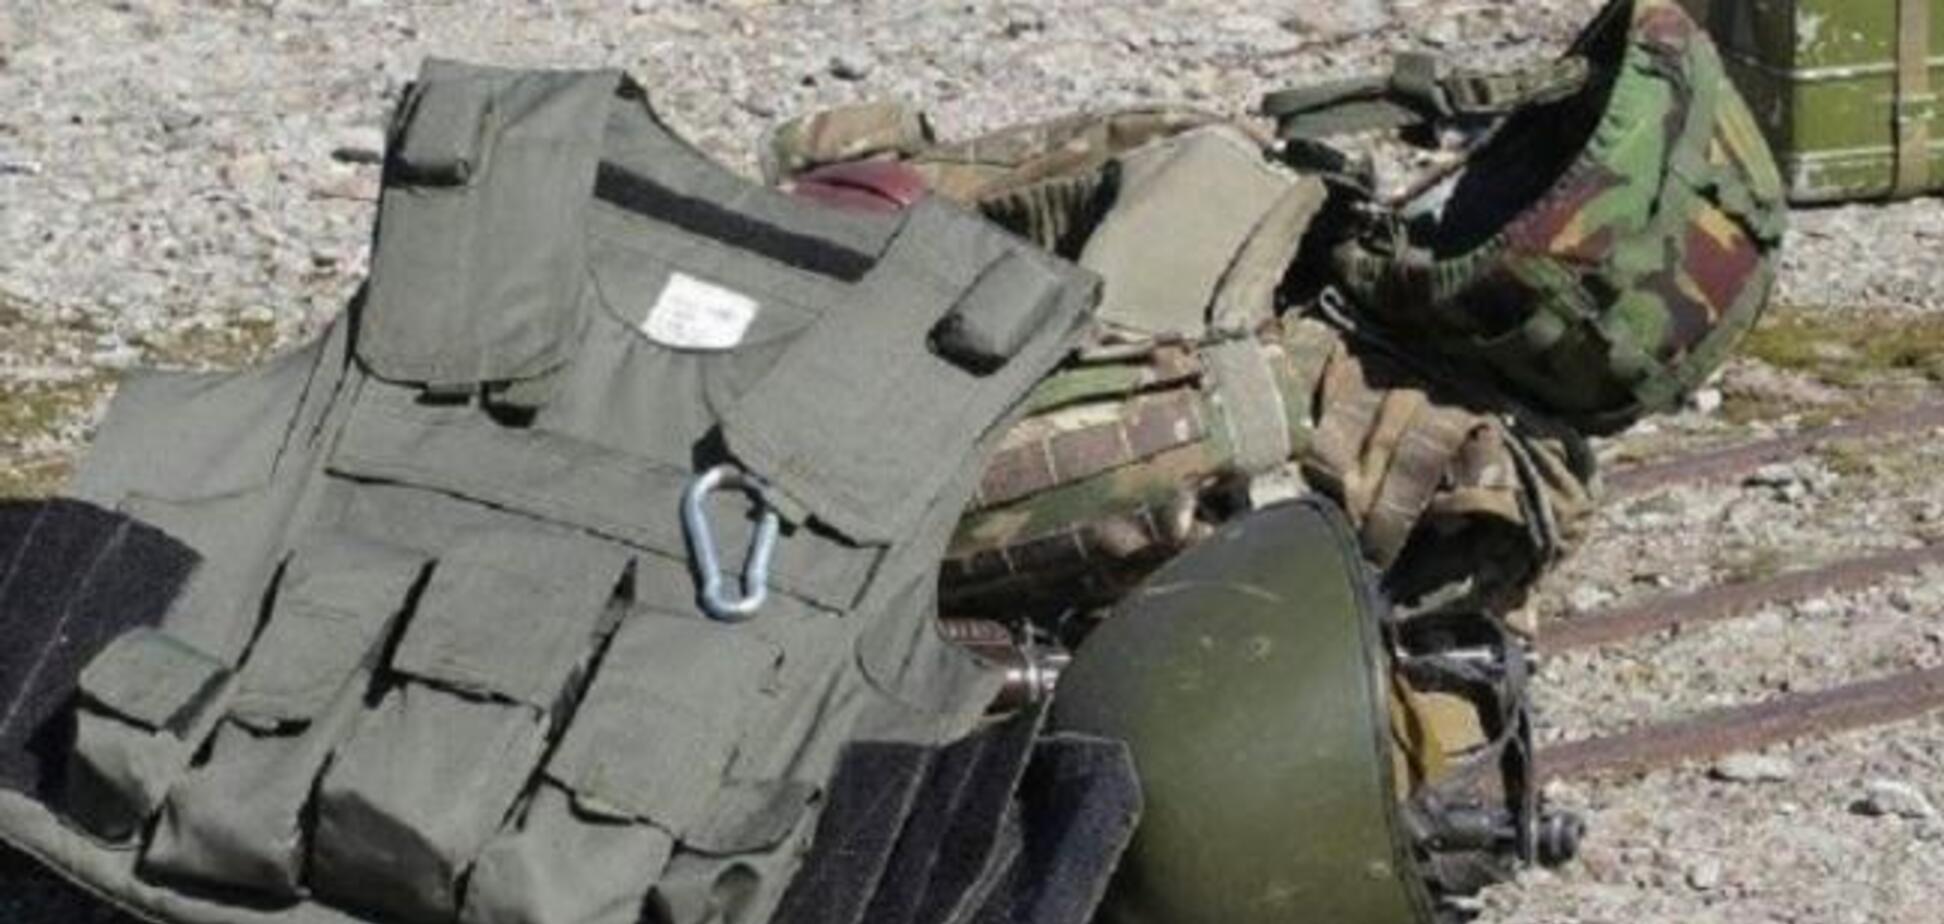 Отзывать не будут: министр обороны ответил на скандал с бронежилетами